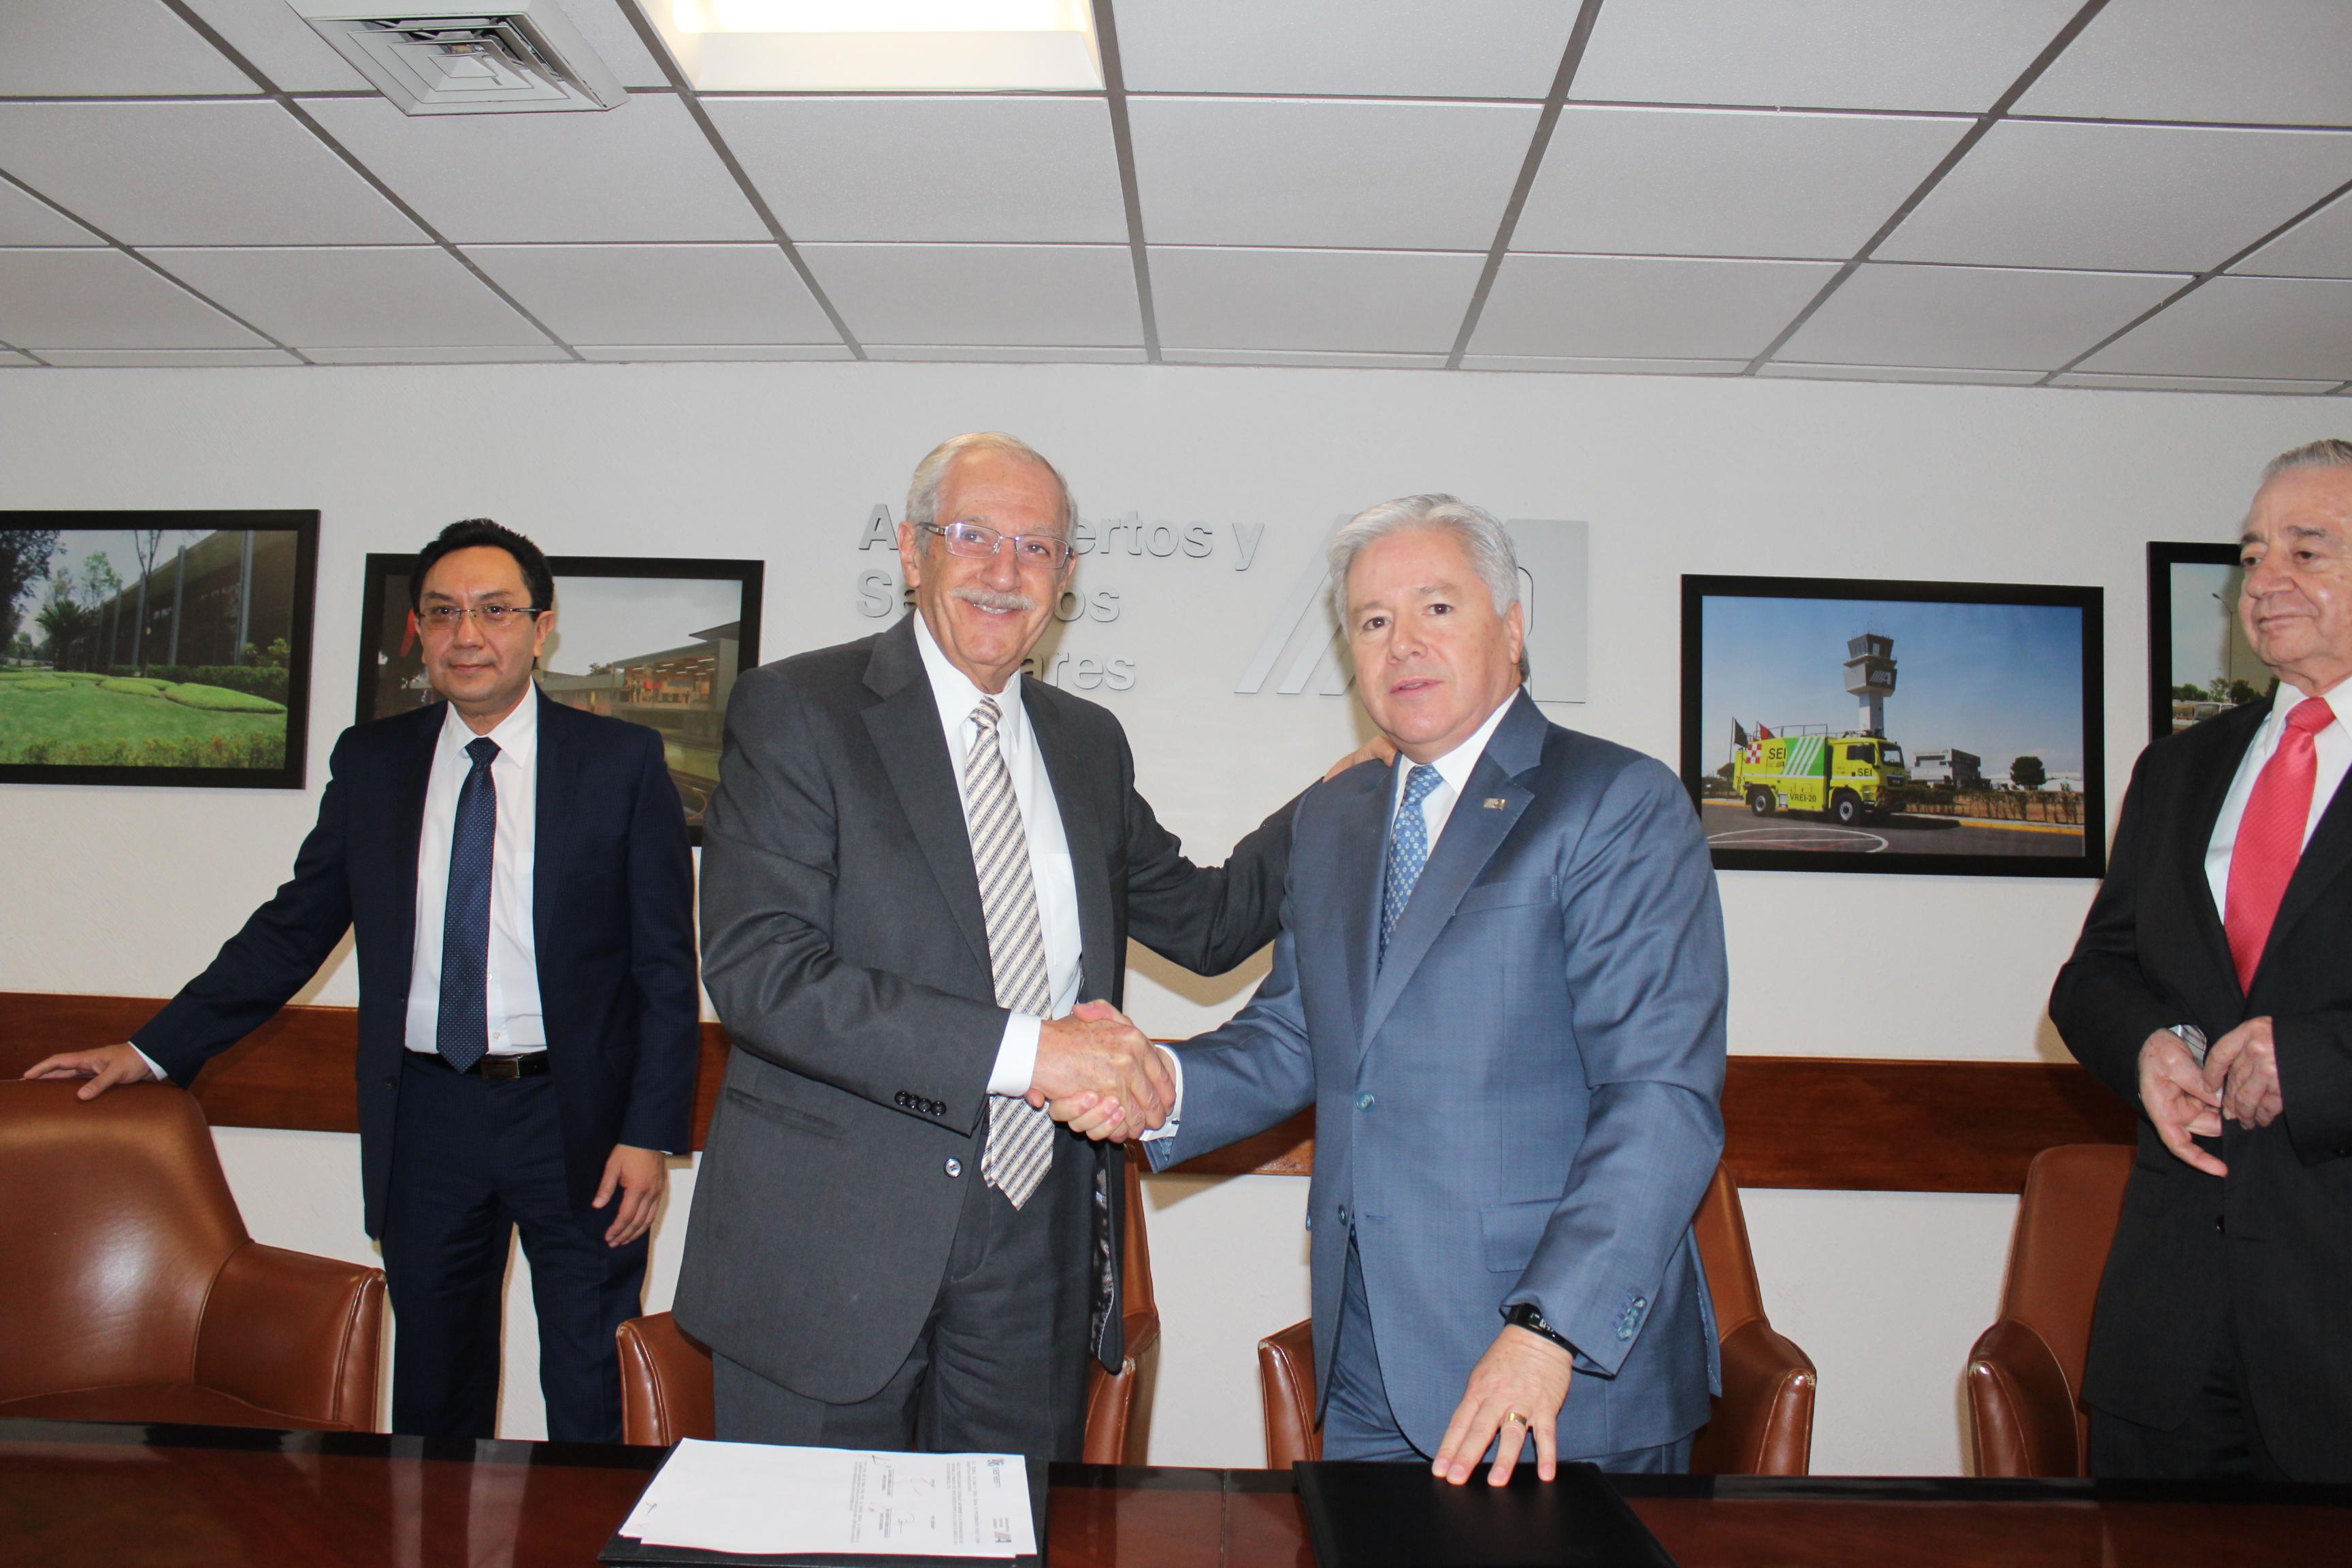 Alfonso Sarabia de la Garza, Director General de Aeropuertos y Servicios Auxiliares (ASA), y Roberto Kobeh González, Director General de Servicios a la Navegación en el Espacio Aéreo Mexicano (SENEAM), firmaron un convenio de colaboración